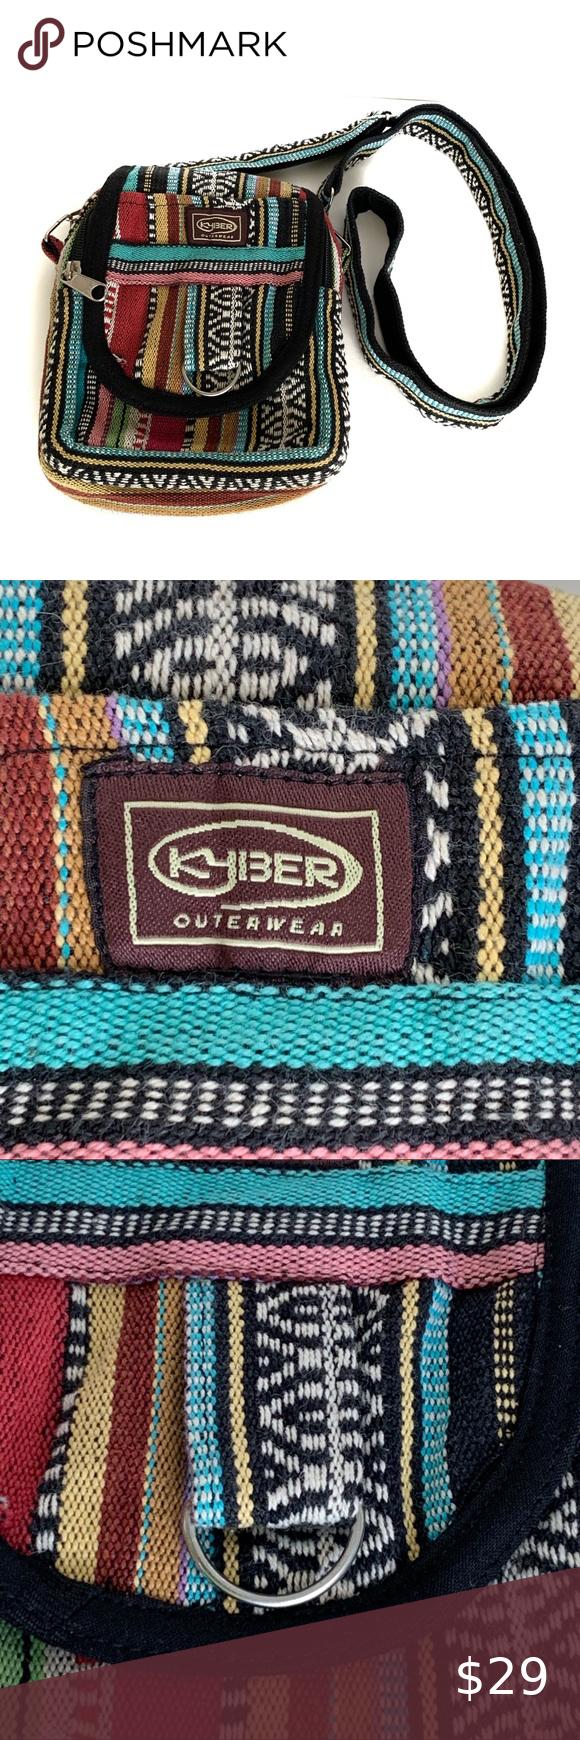 Kyber Outerwear Crossbody Textile Native Aztec Tribal Prints Textiles Aztec [ 1740 x 580 Pixel ]